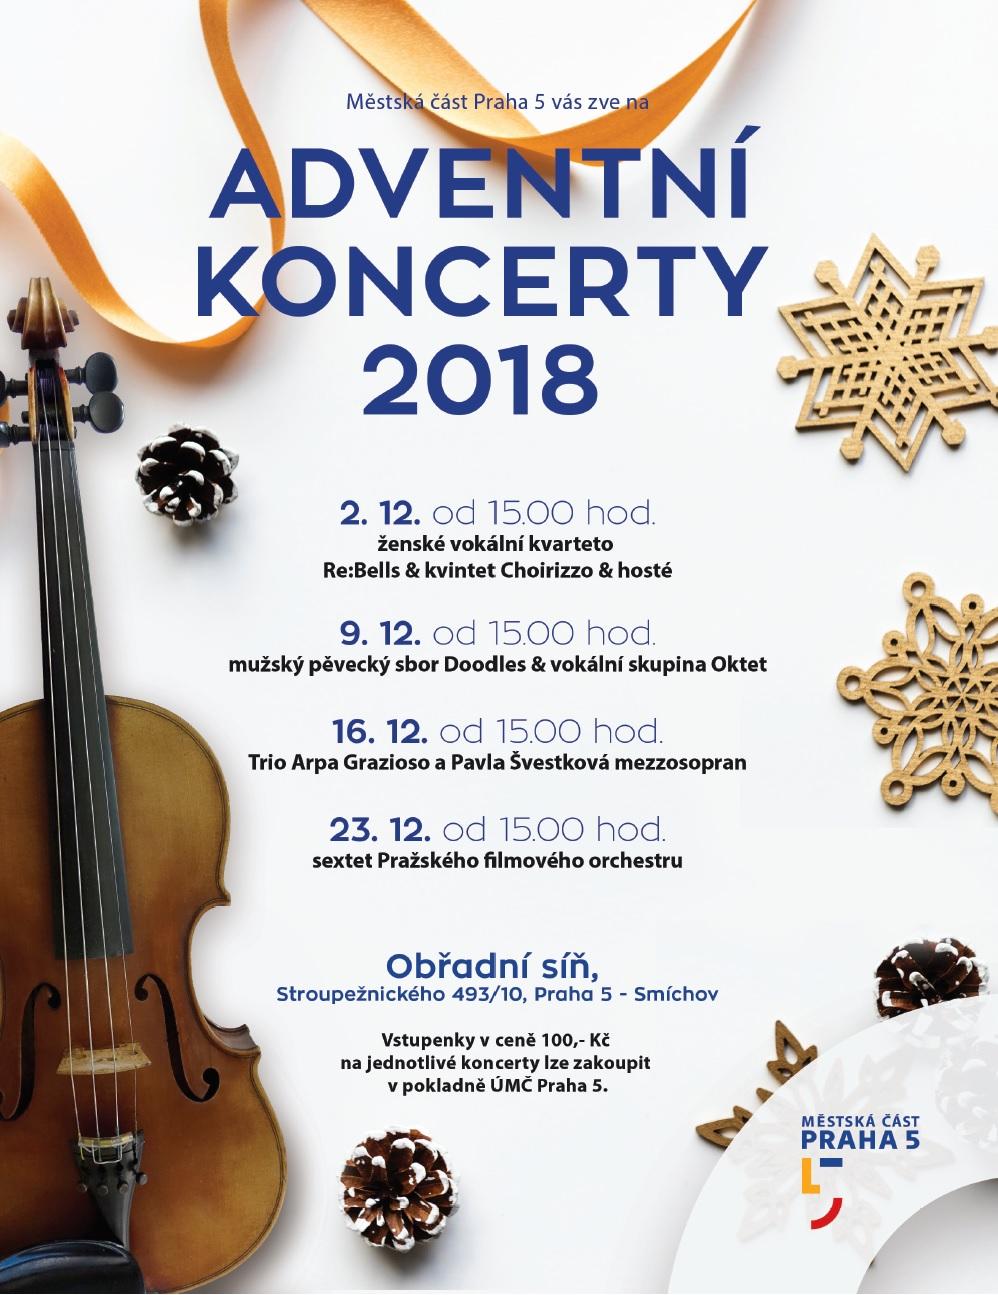 adventni-koncerty-zacinaji-v-nedeli-2-prosince-2018